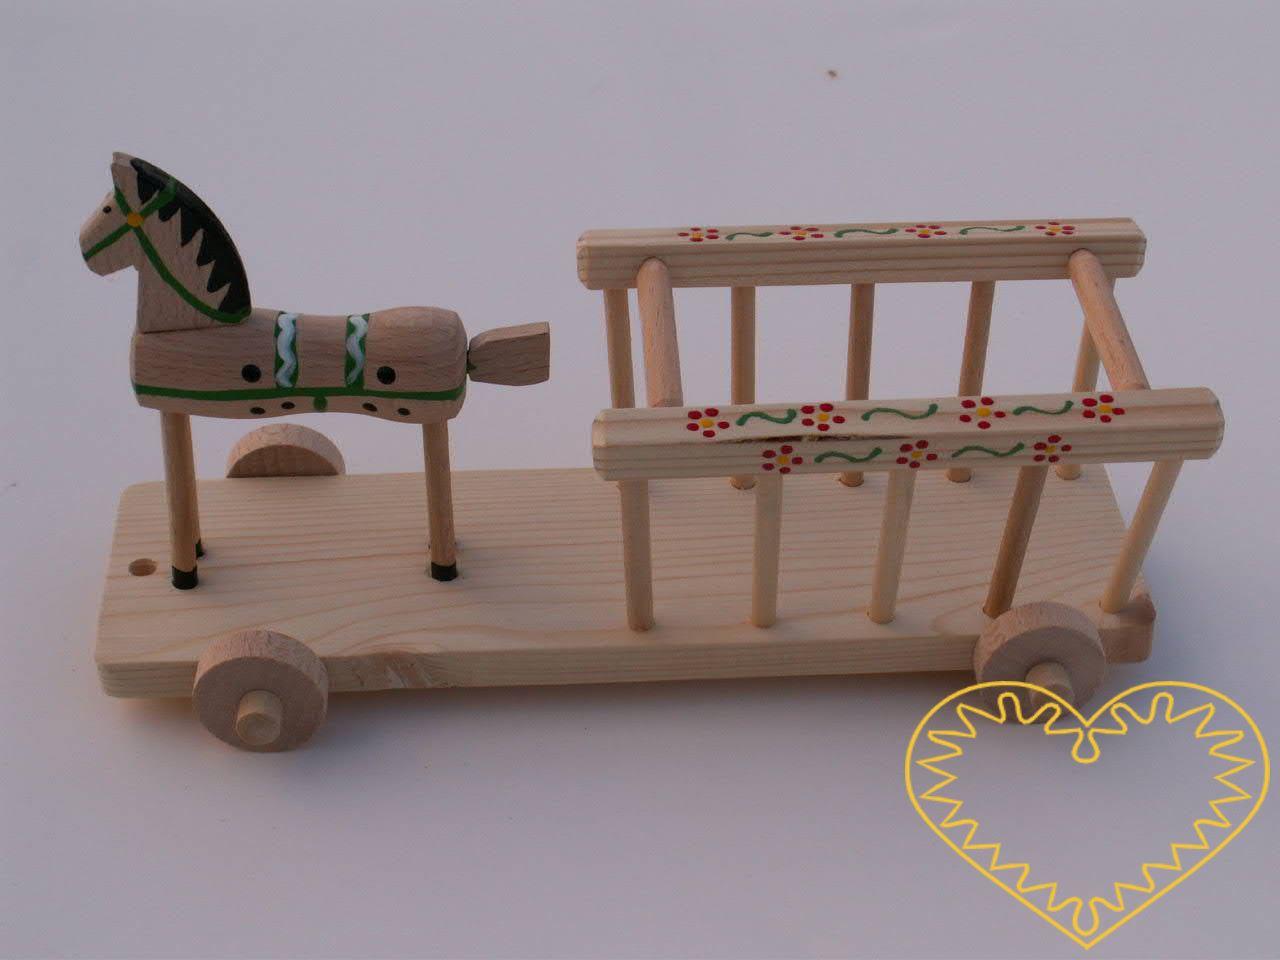 Dřevěný vozík s koníkem v přírodní barvě. Krásně malovaný suvenýr vycházející ze vzorů tradičních dětských dřevěných hraček. Koník je na společném podstavci s vozíkem a jezdí pomocí 4 koleček.